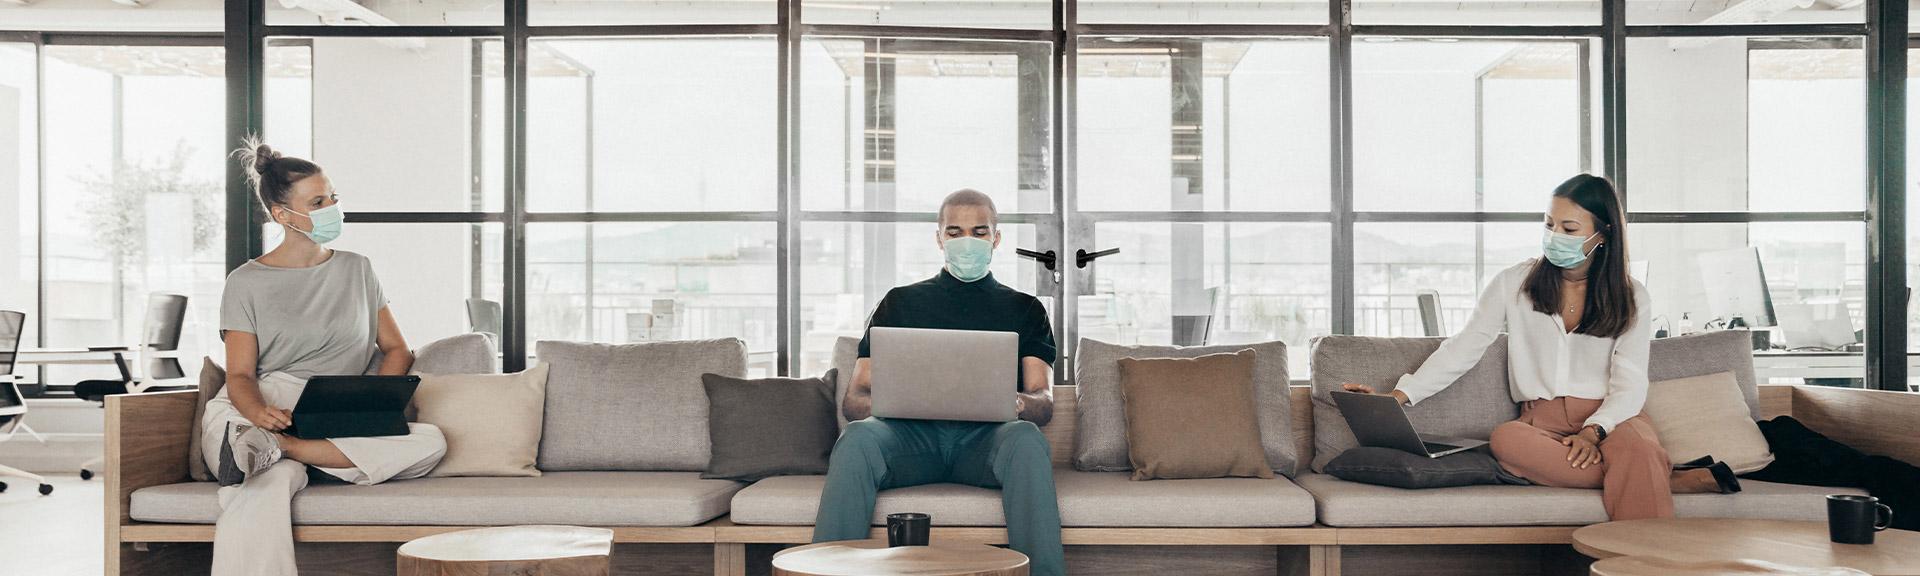 Covid-19-Pandemie verändert die Lüftungsindustrie